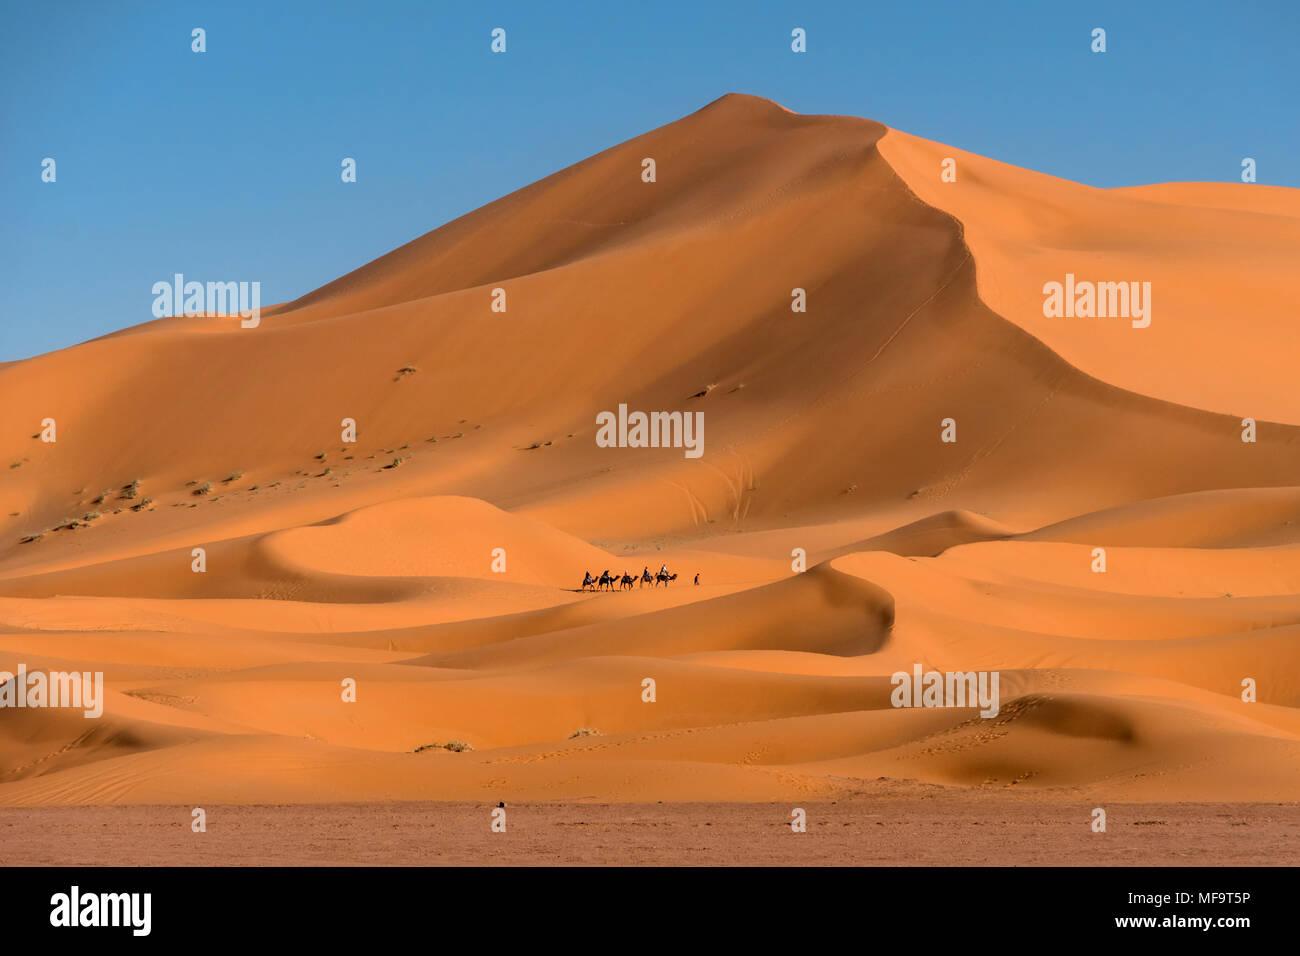 Tren camello, Erg Chebbi : Desierto, el Sáhara Occidental, Marruecos Foto de stock